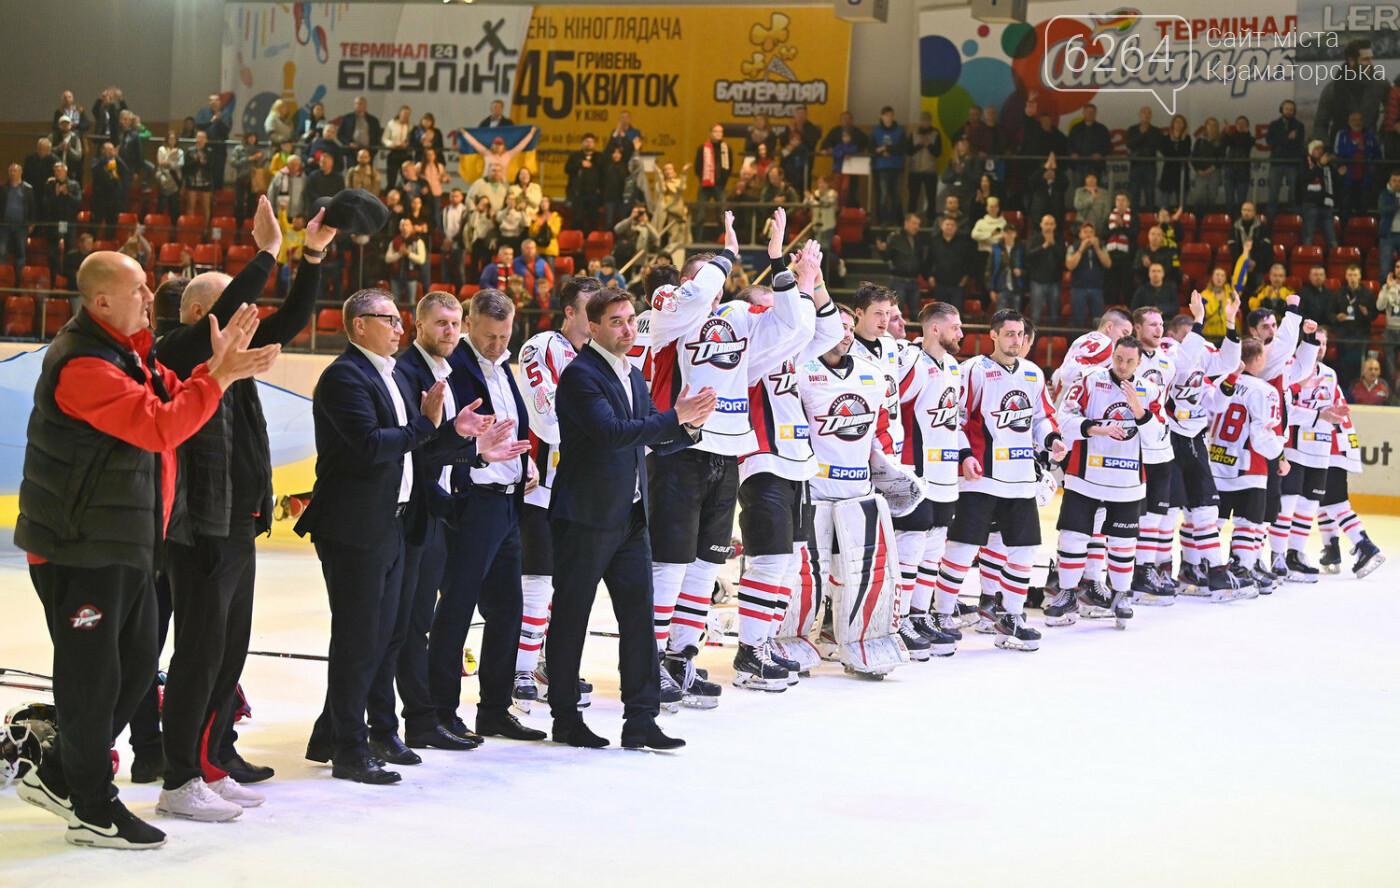 ХК «Донбасс» - победитель второго раунда Континентального кубка! , фото-4